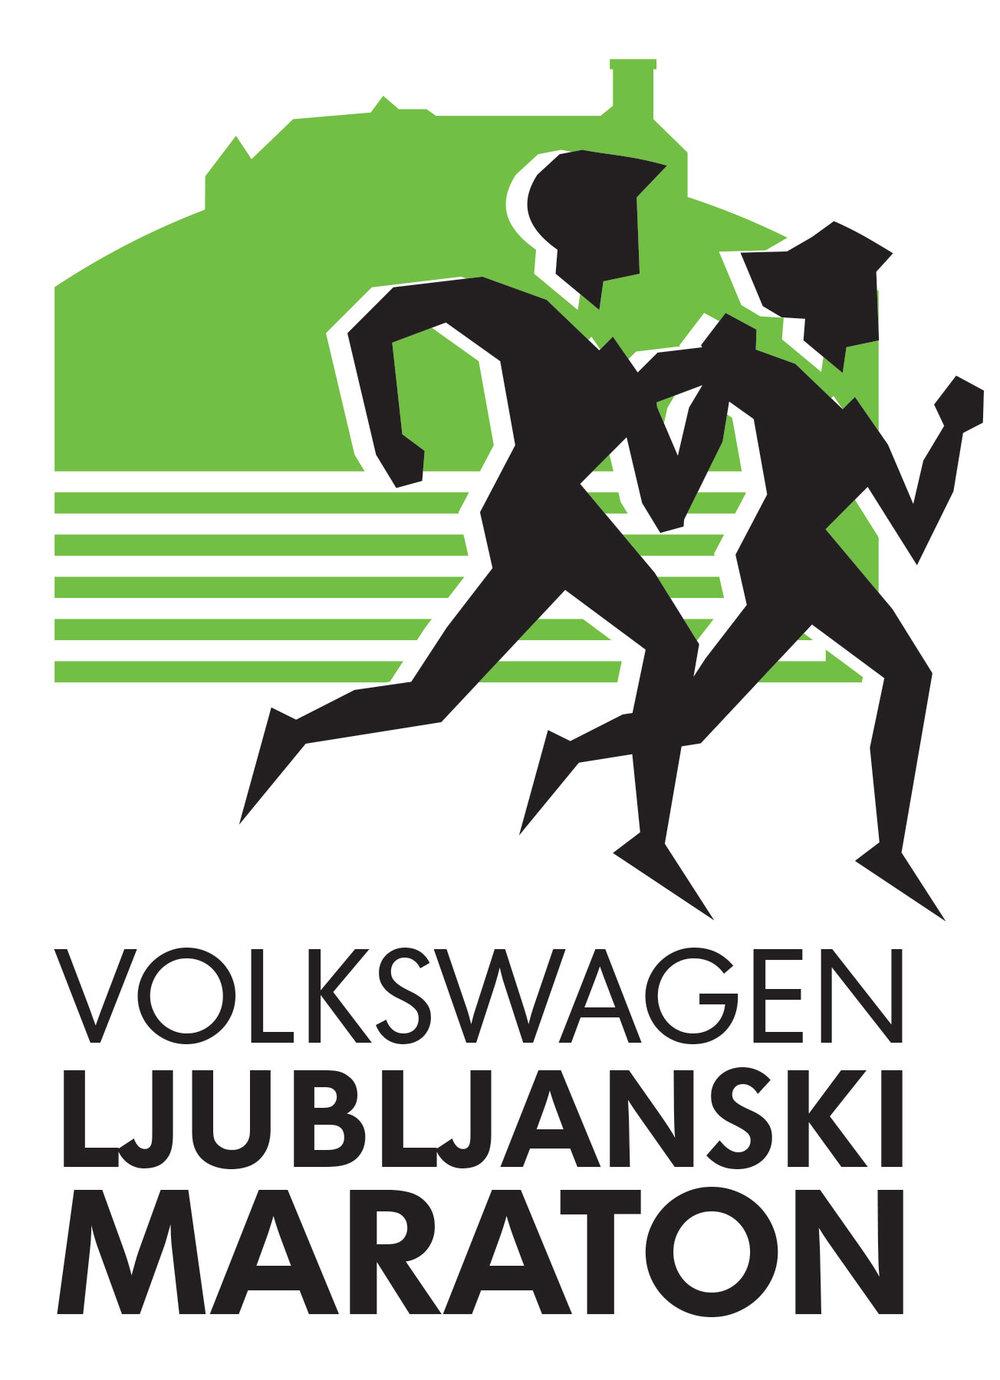 LJ mAraton logo 2017.jpg